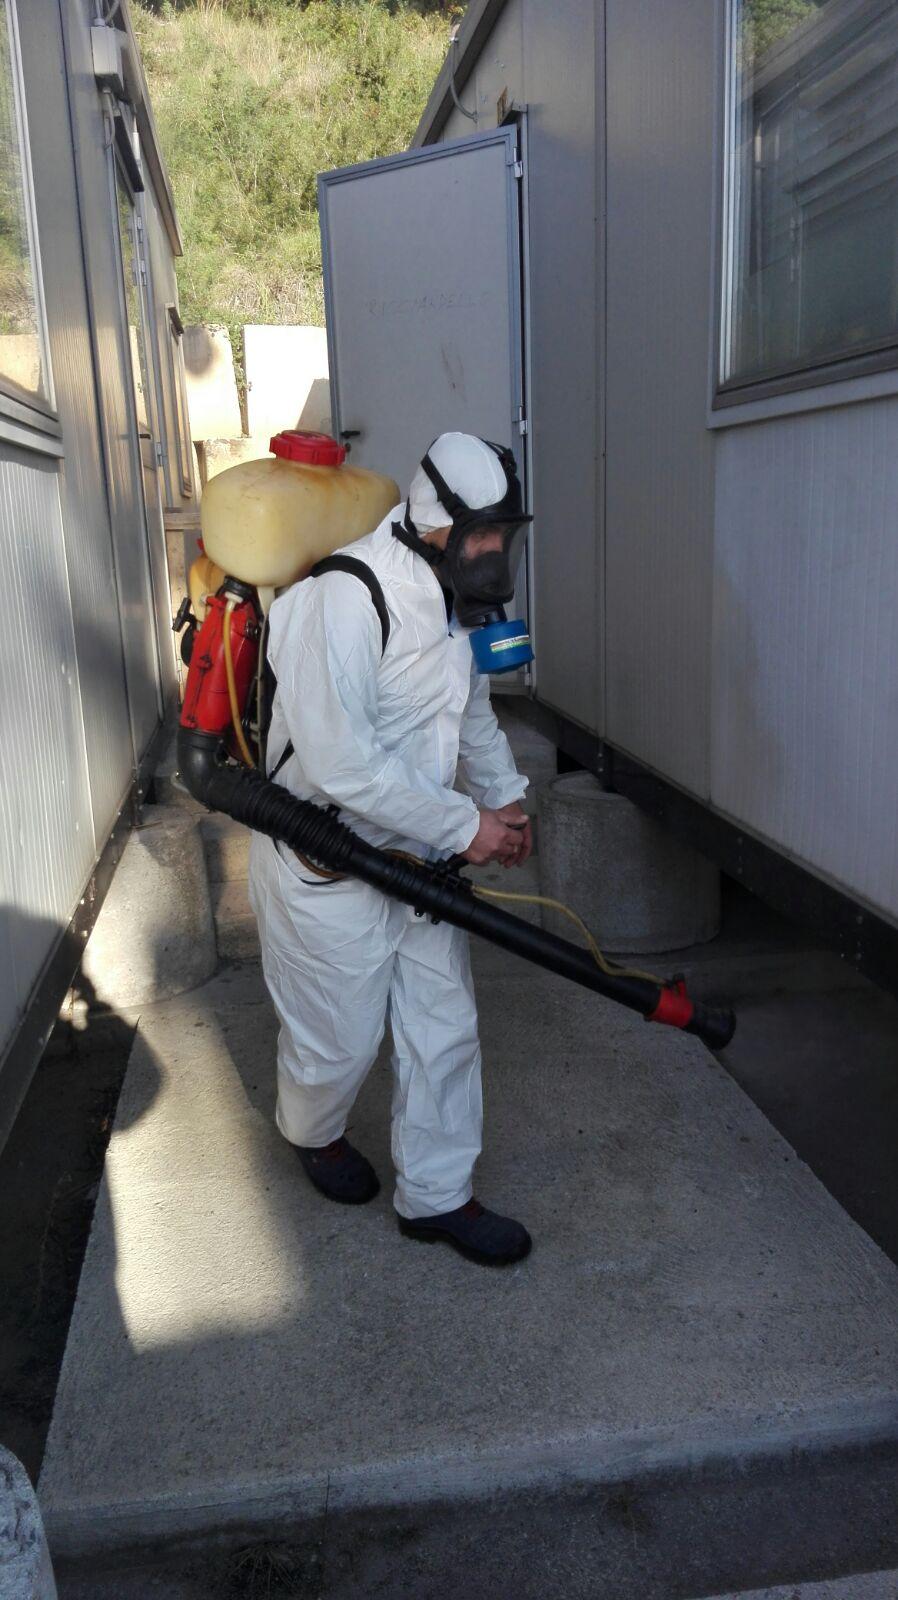 Uomo con tuta bianca mentre spruzza liquido da tanica